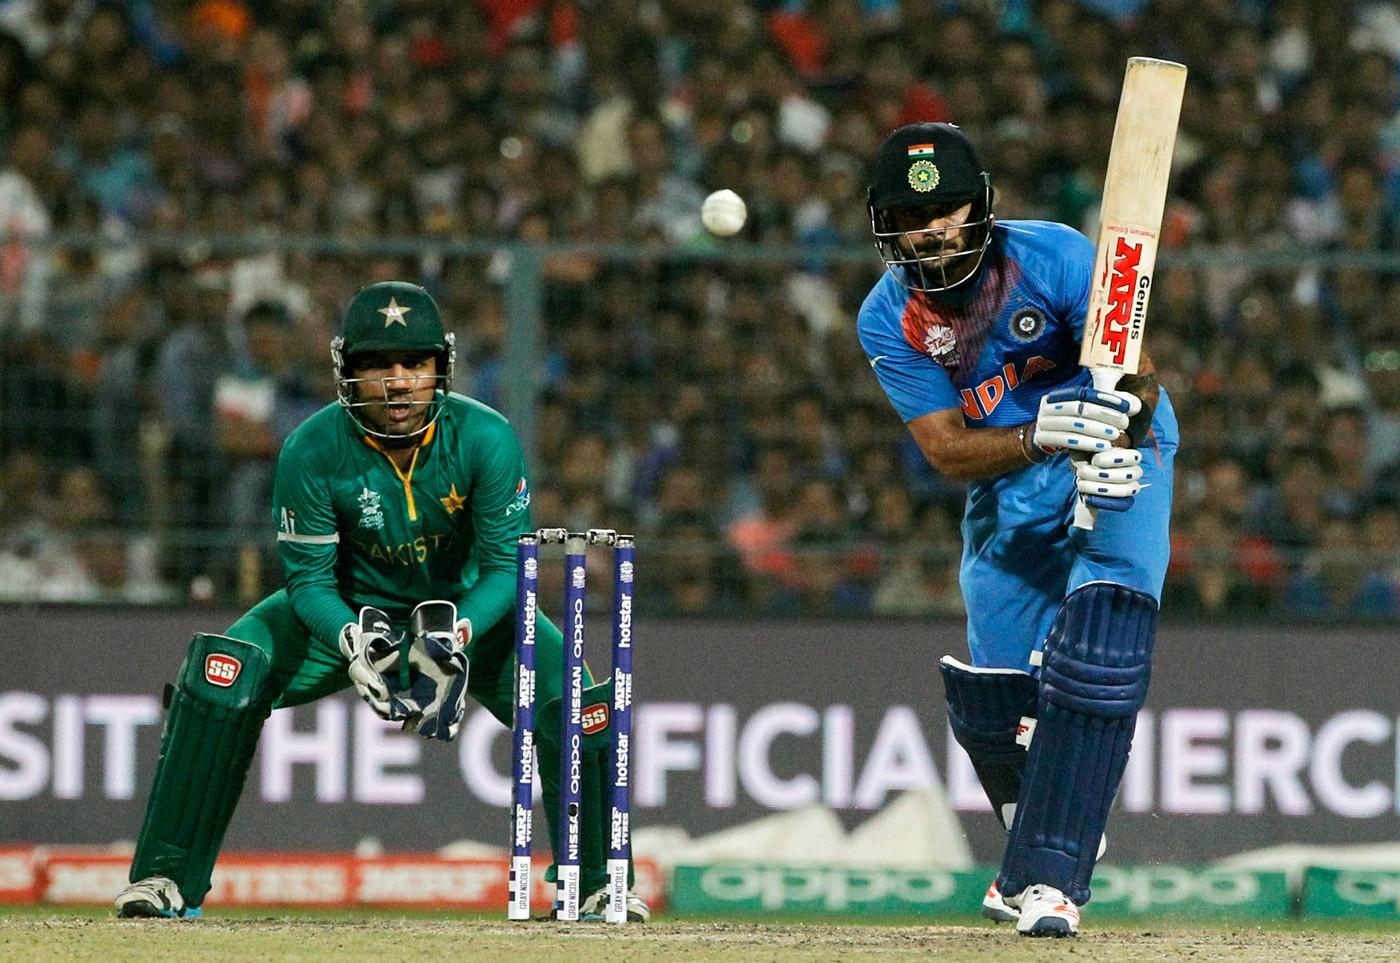 टी-२० विश्वकप क्रिकेट : भारत र पाकिस्तान एउटै समूहमा